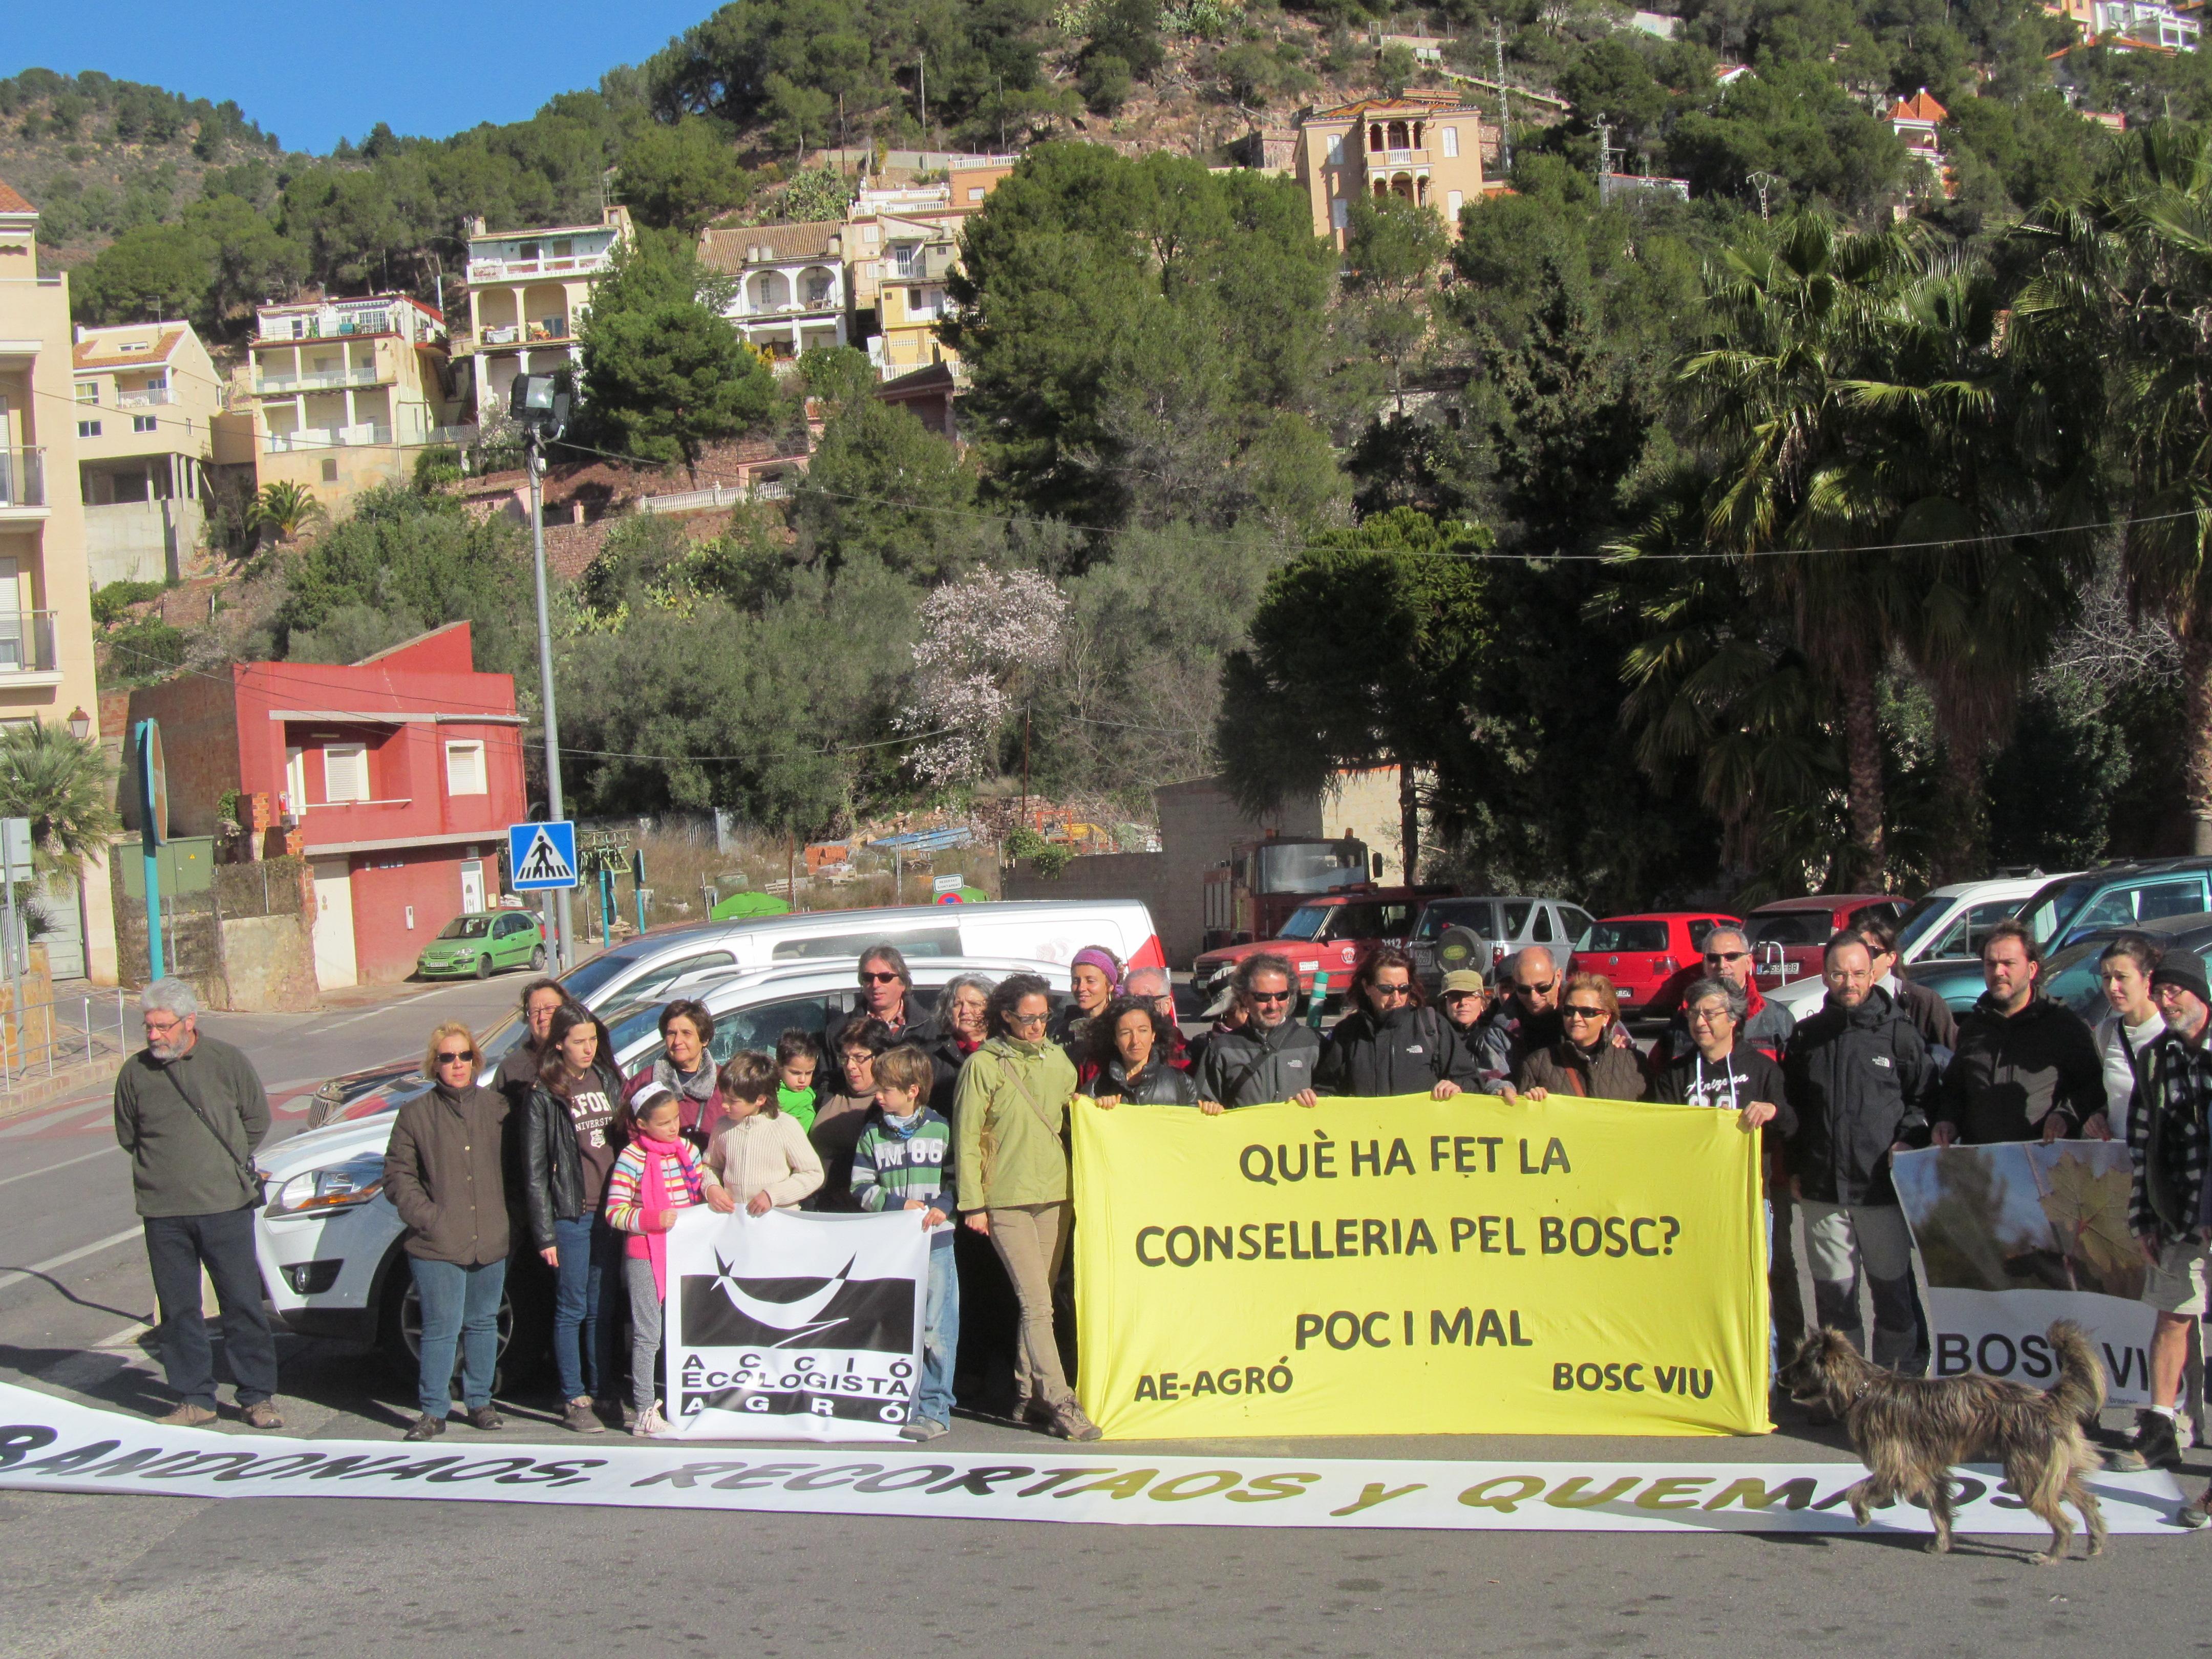 Els ecologistes han desplegat pancartes de denúncia. FOTO: EPDA